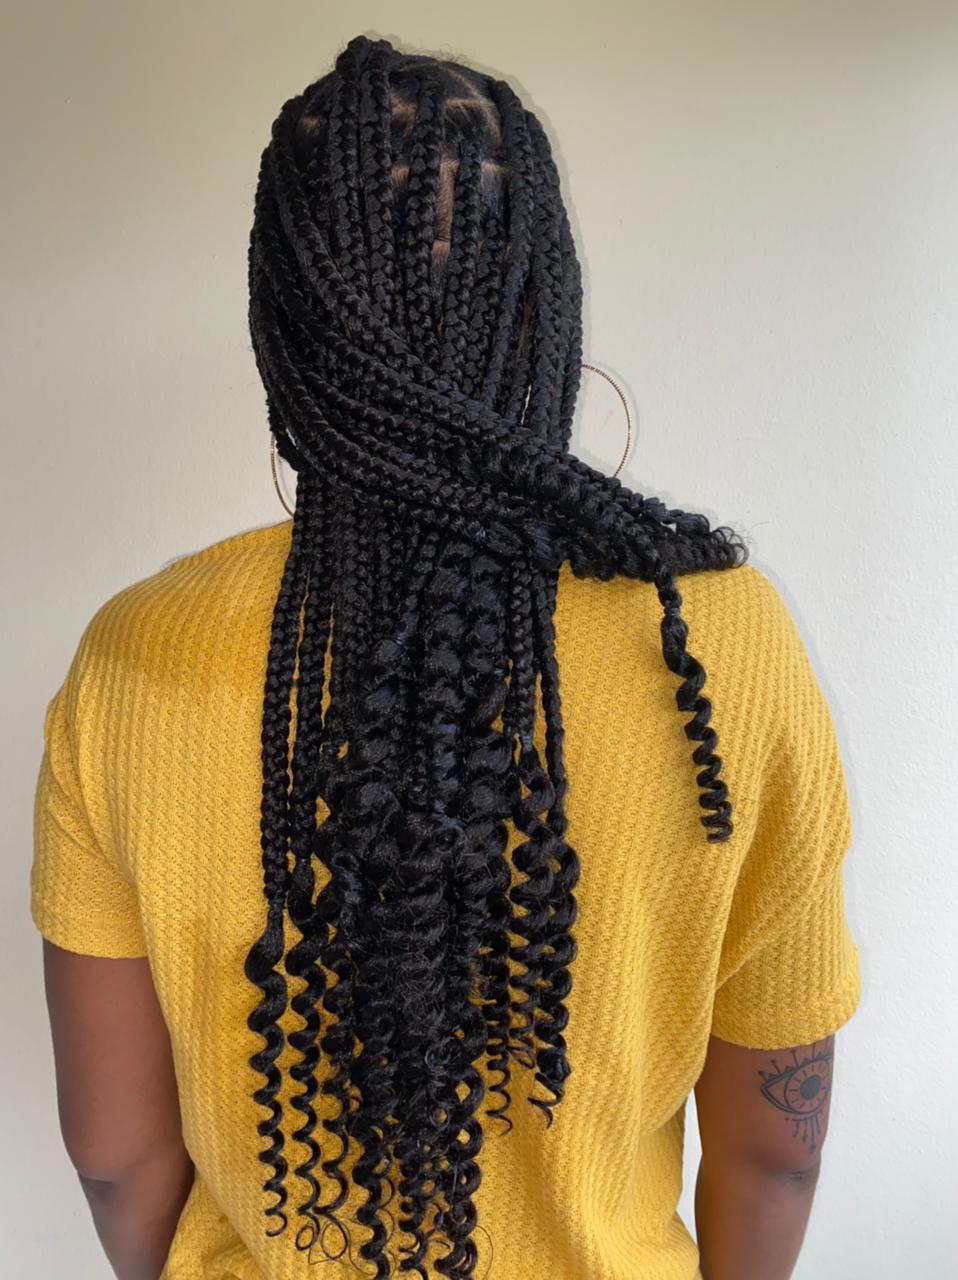 salon de coiffure afro tresse tresses box braids crochet braids vanilles tissages paris 75 77 78 91 92 93 94 95 XKNMXFFM